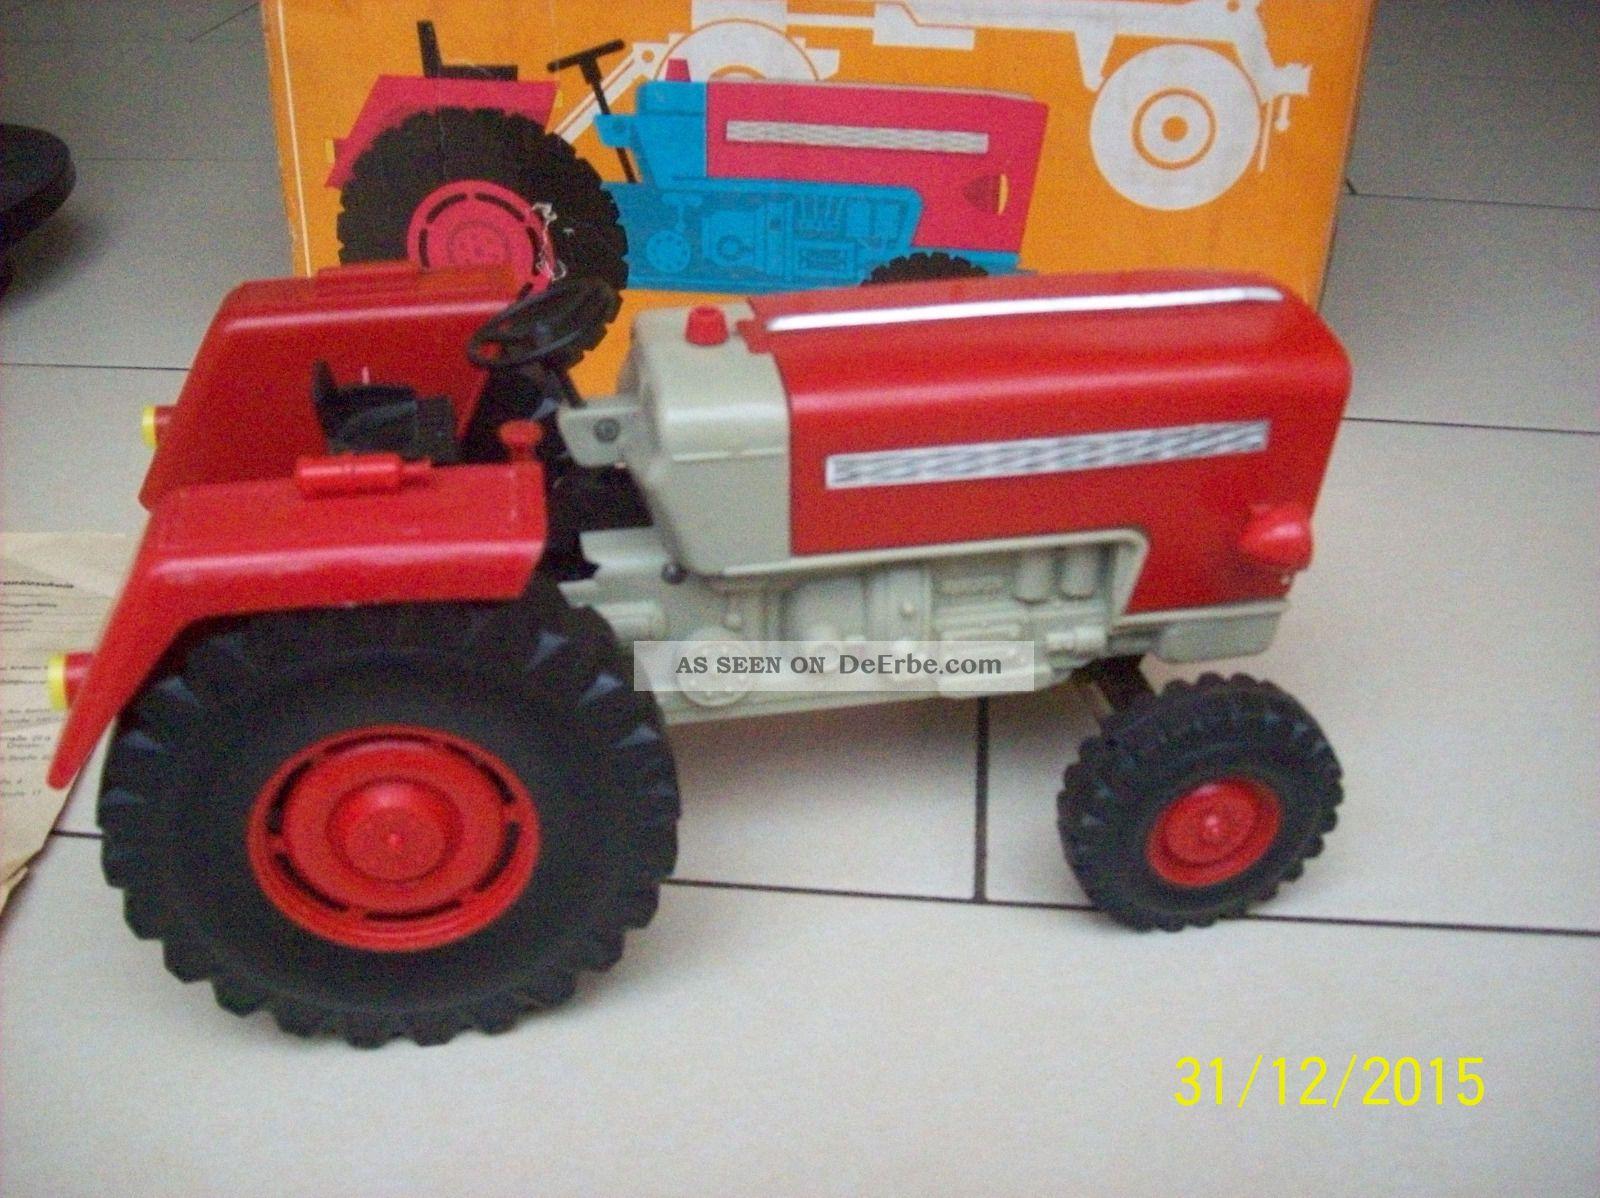 Ddr piko traktor elektrisch